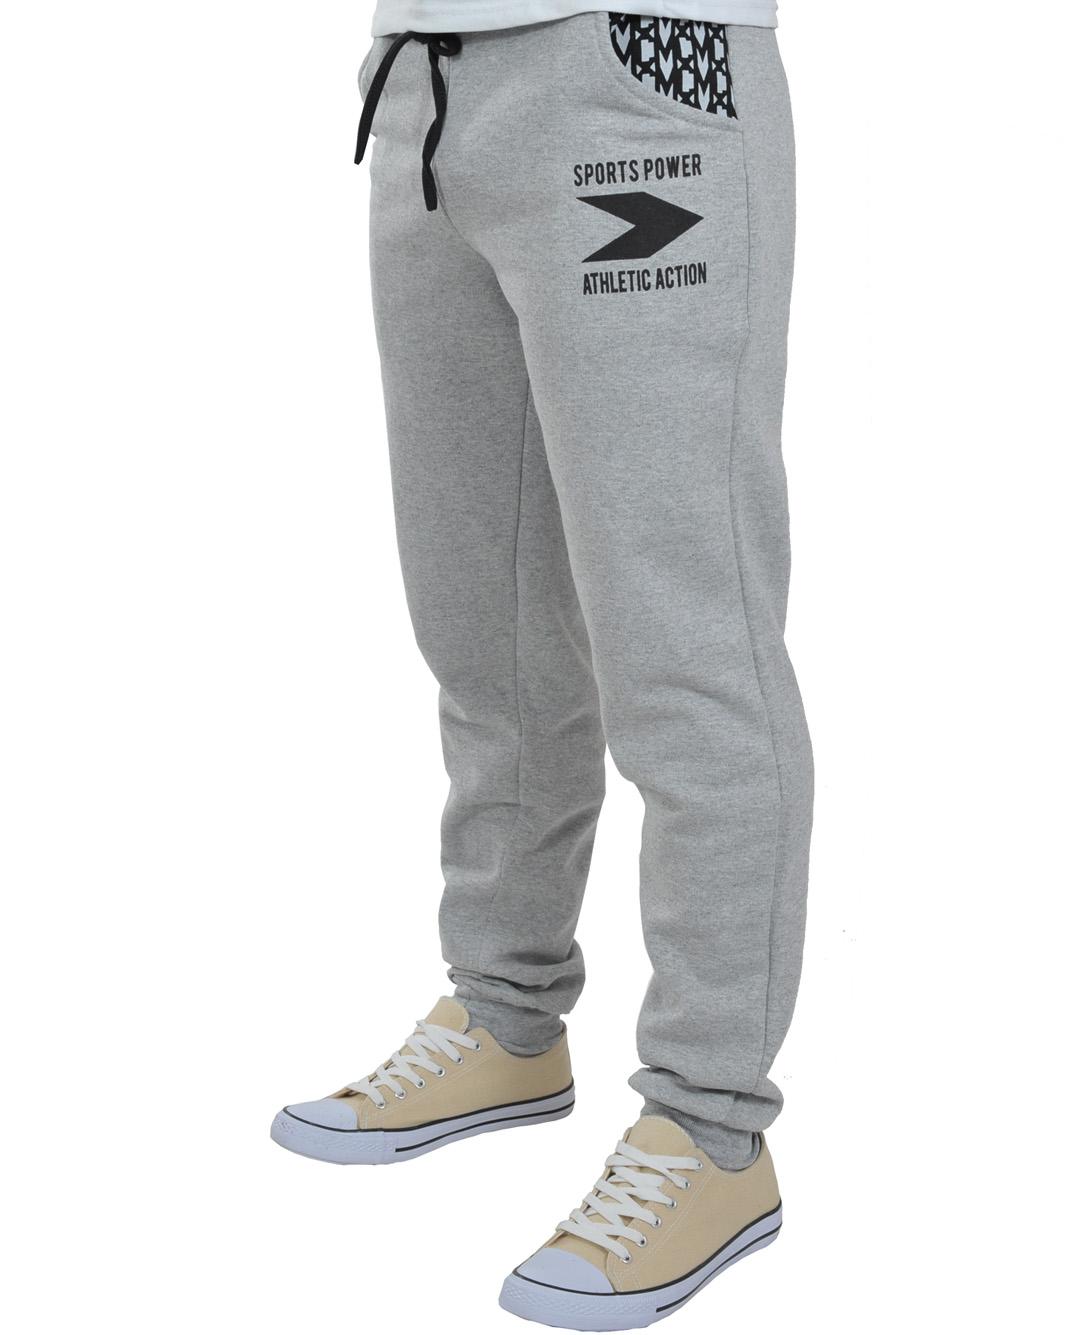 Ανδρική Φόρμα Becasual Sports Power-Γκρι αρχική ανδρικά ρούχα φόρμες